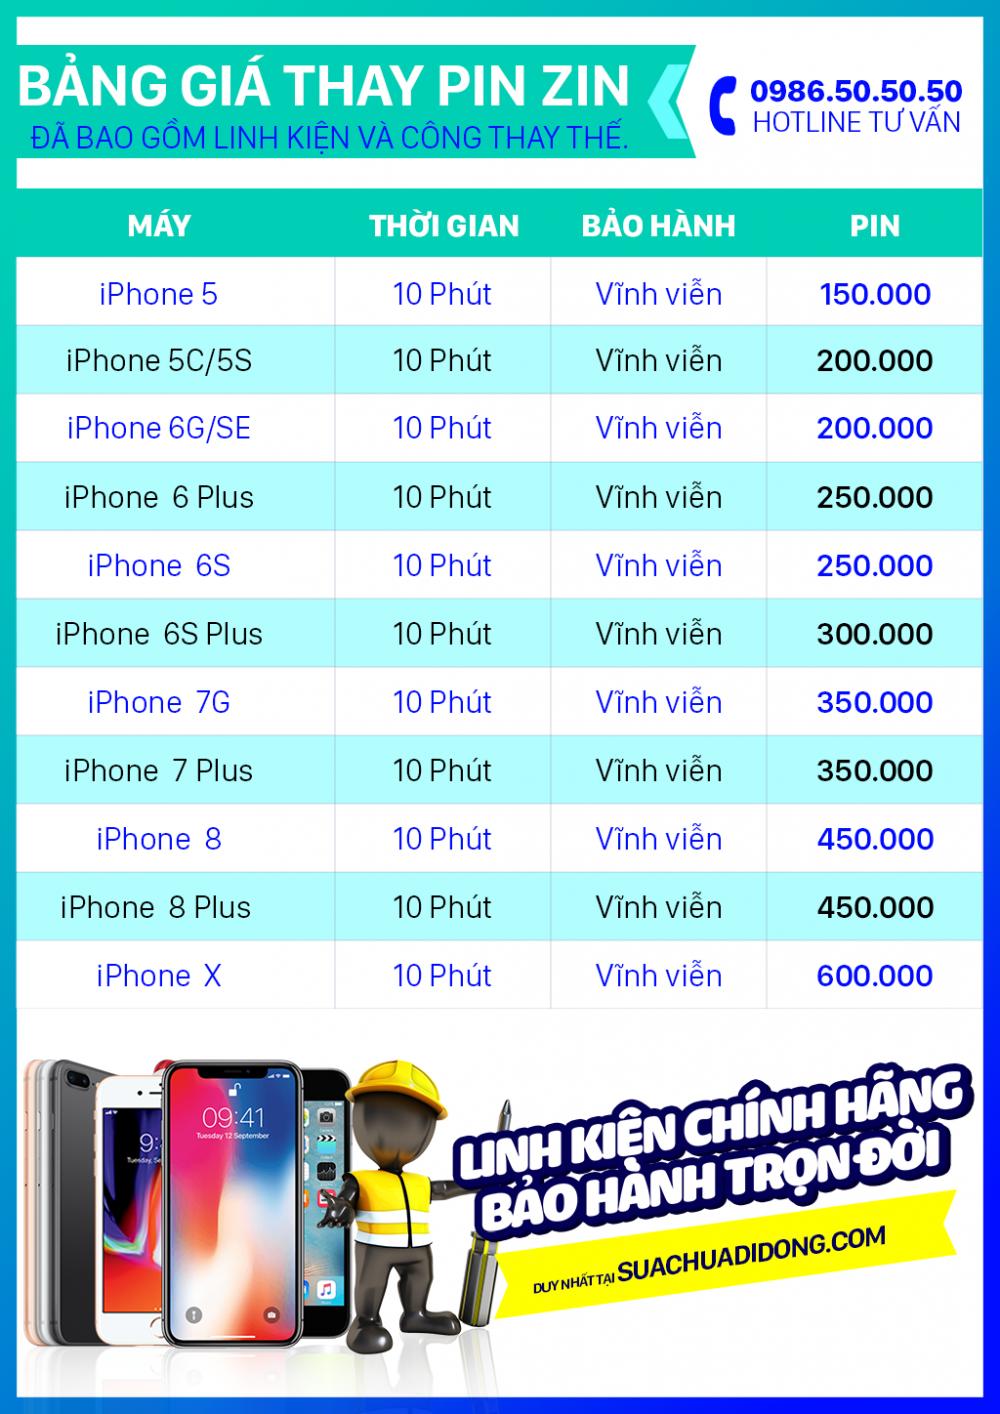 Thay pin zin iphone - chính hãng apple - 1